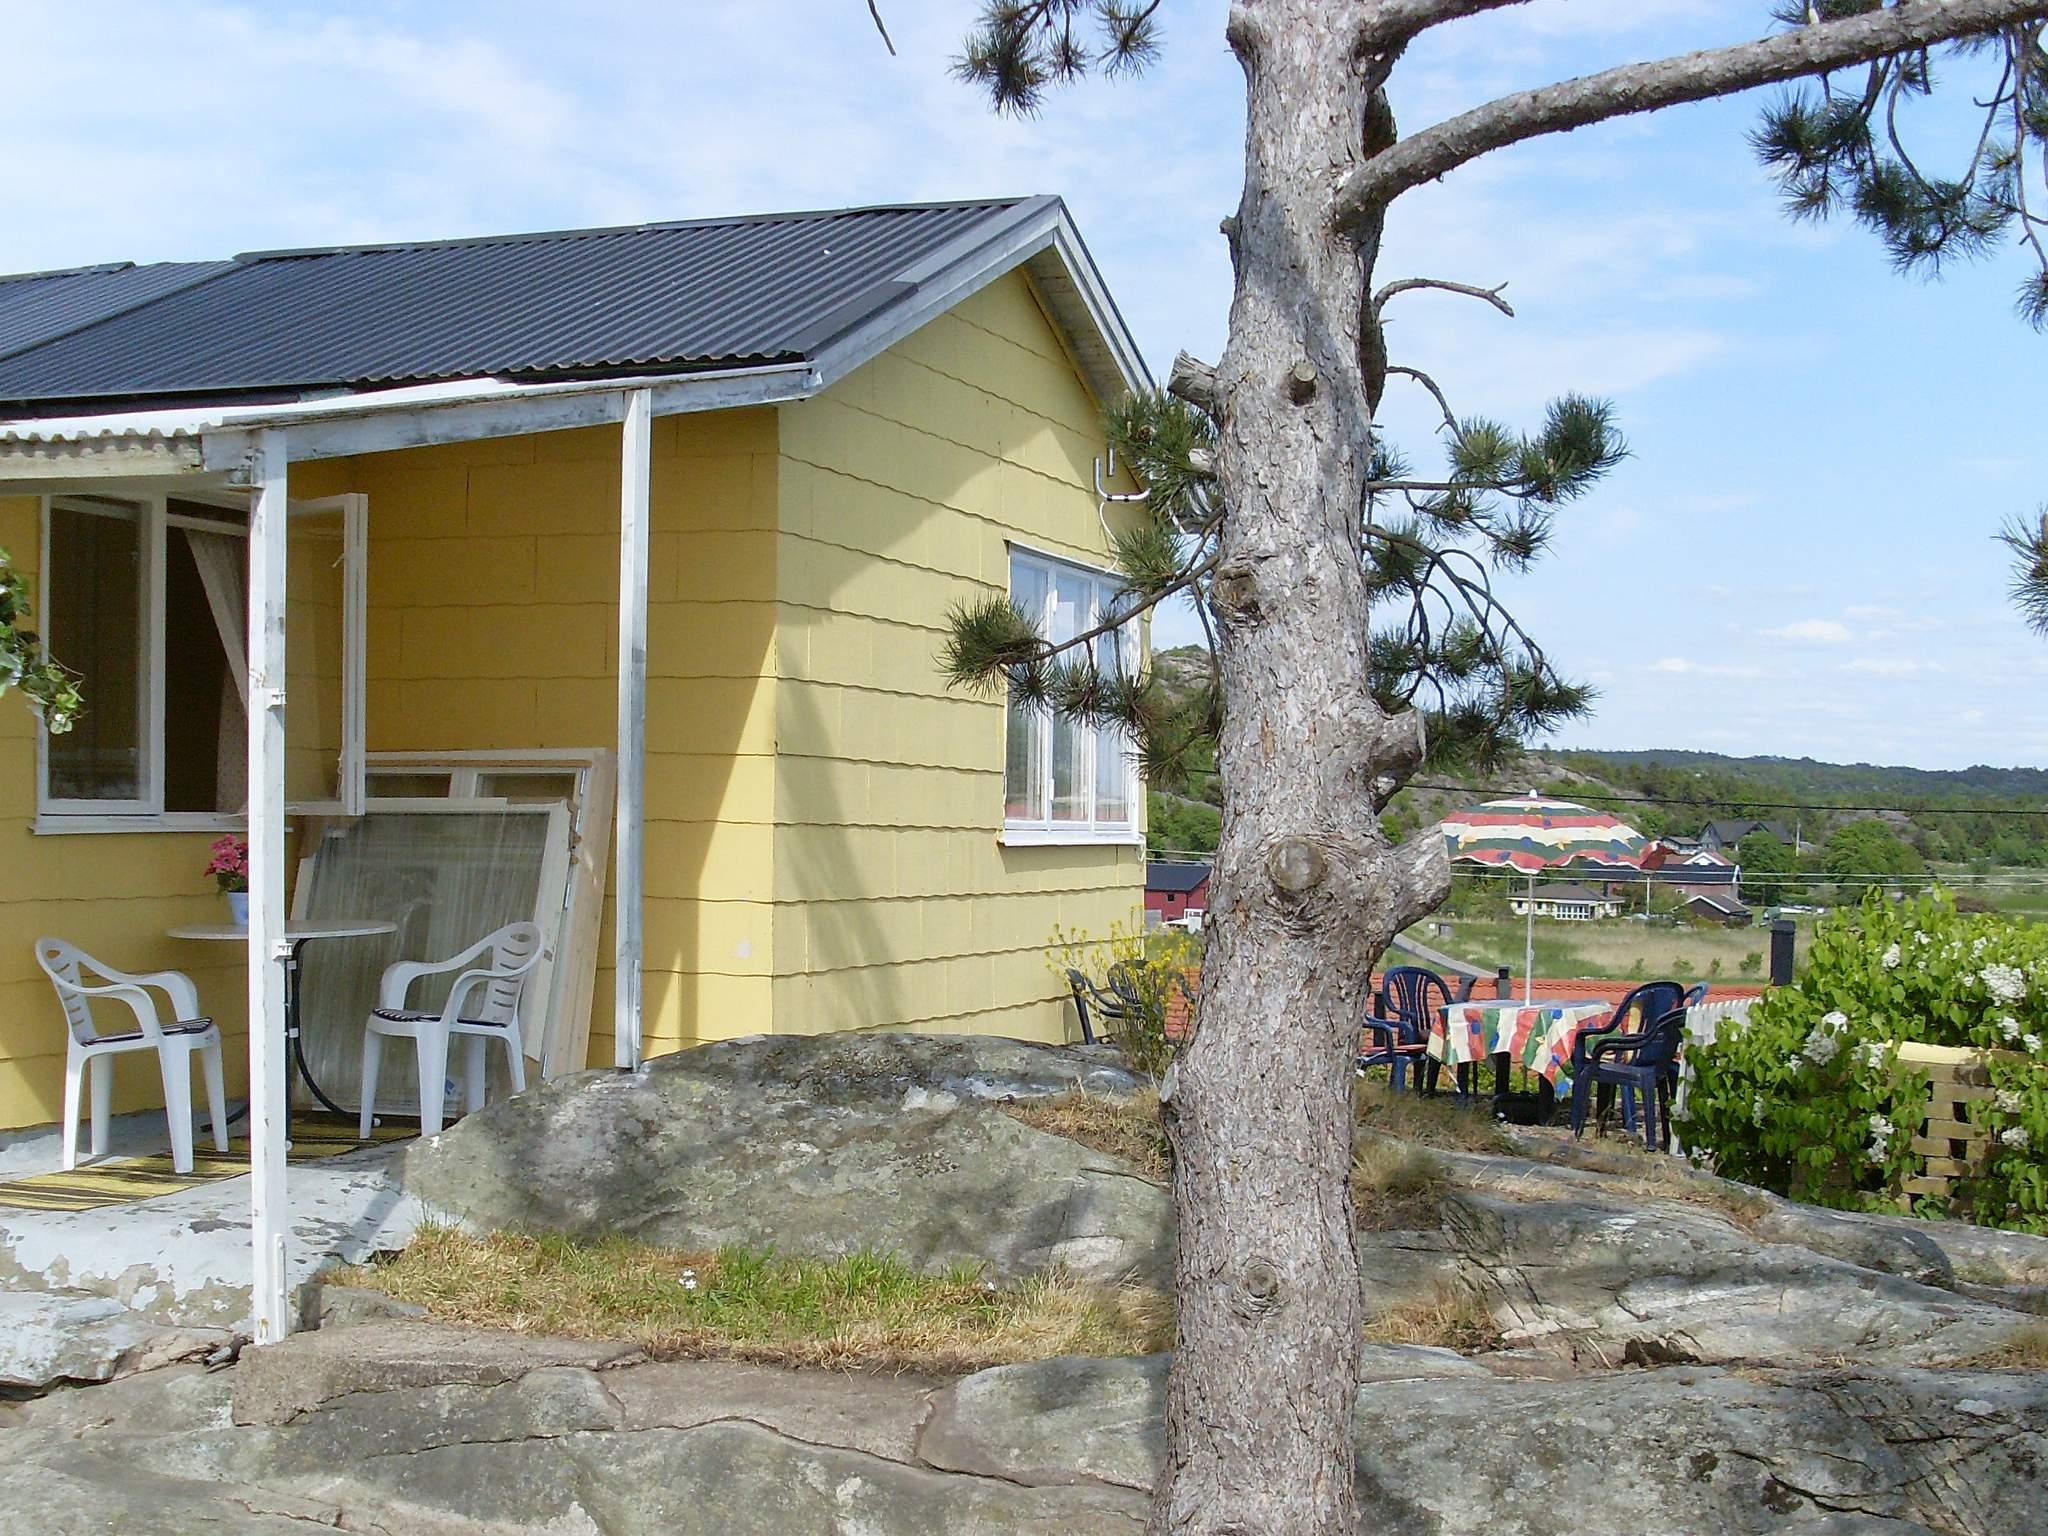 Ferienhaus Kovikshamn (266413), Kärna, Västra Götaland län, Westschweden, Schweden, Bild 9